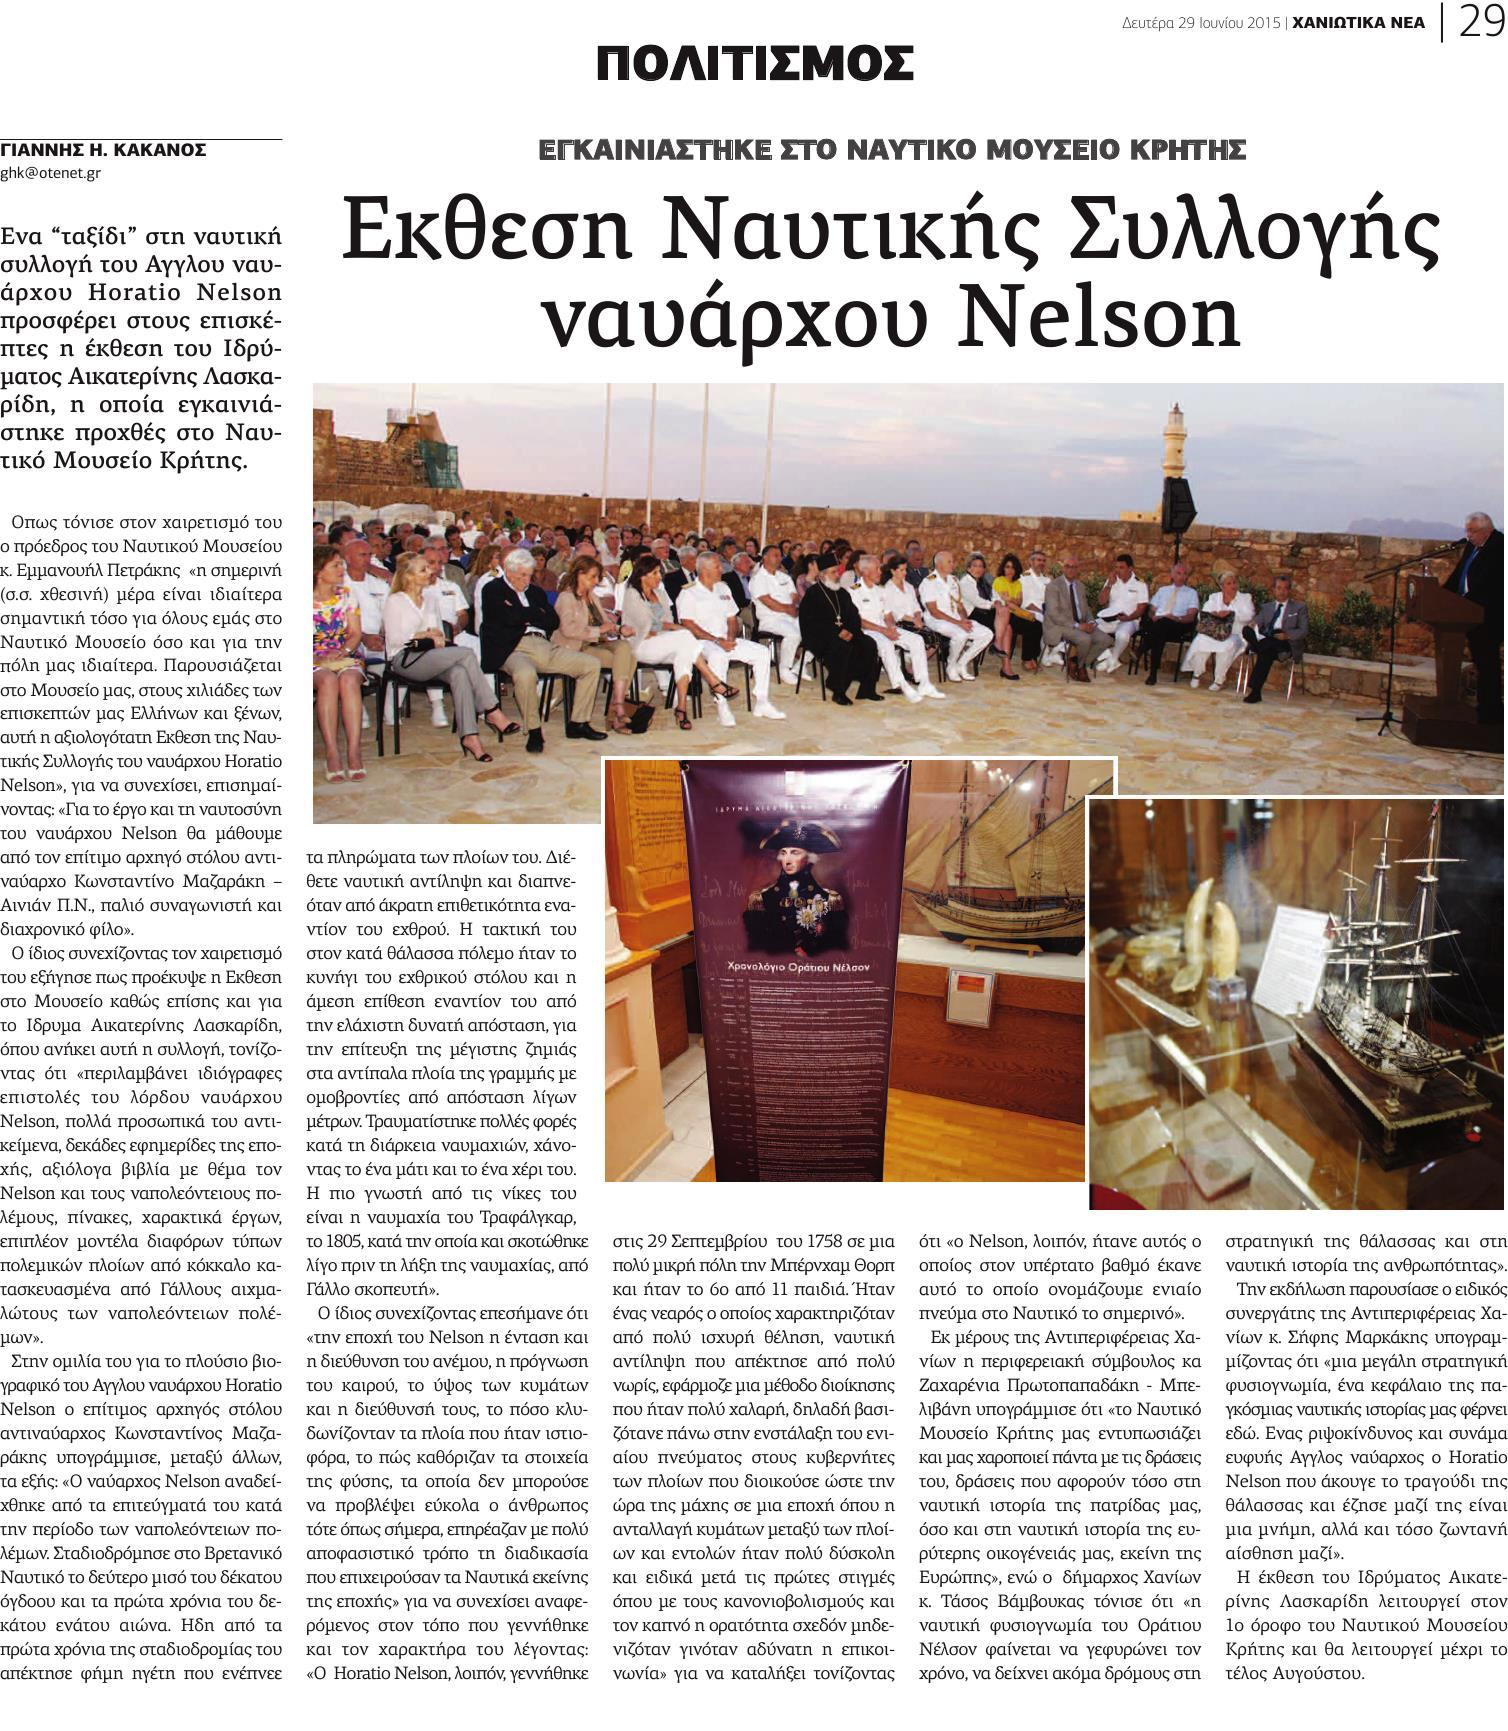 29.pdf Ναυτικό Μουσείο